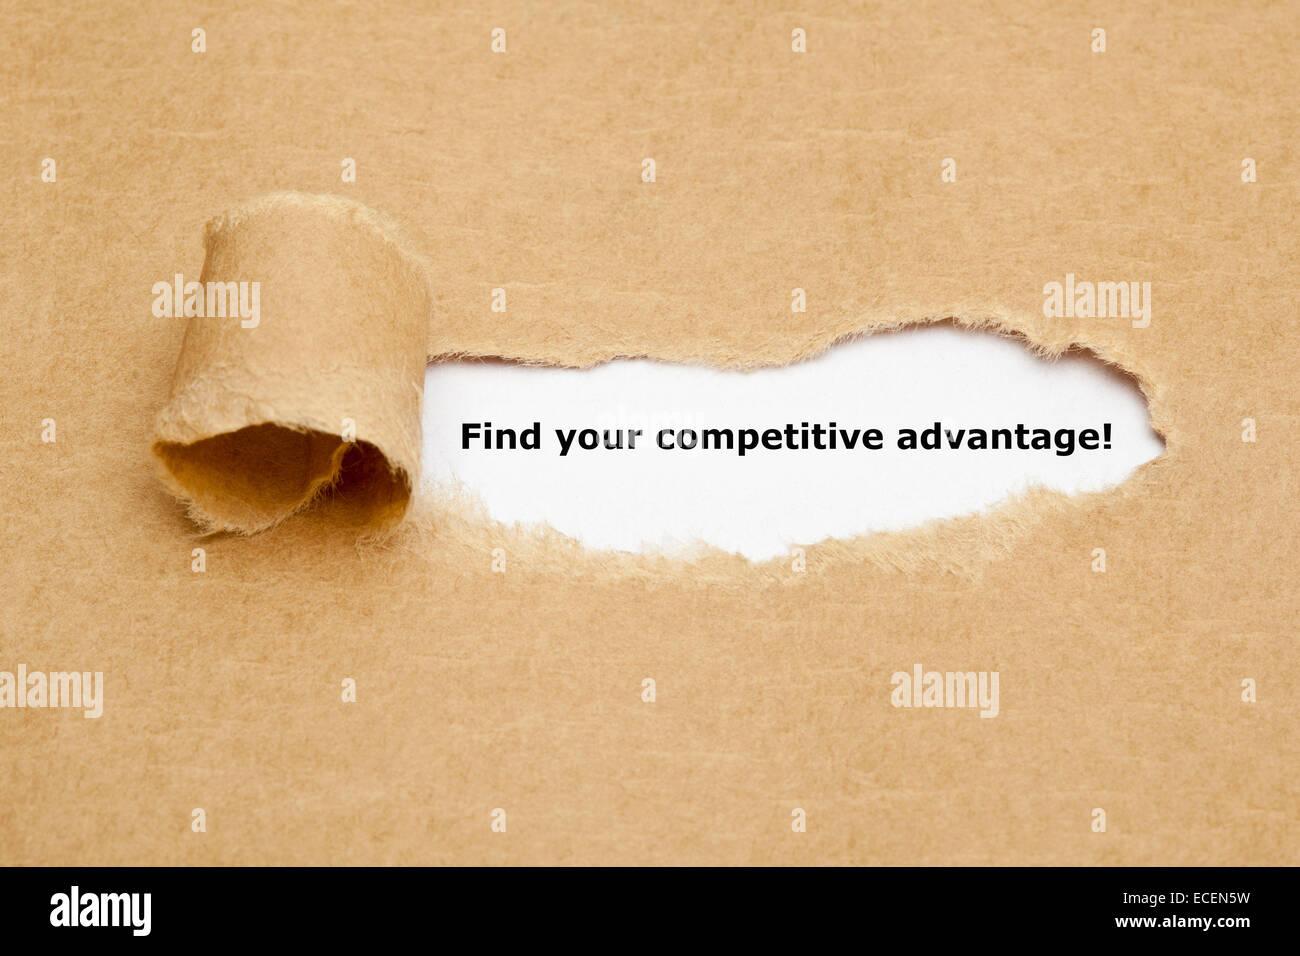 Finden Sie Ihren Wettbewerbsvorteil! erscheint hinter zerrissenes braunen Papier. Stockbild